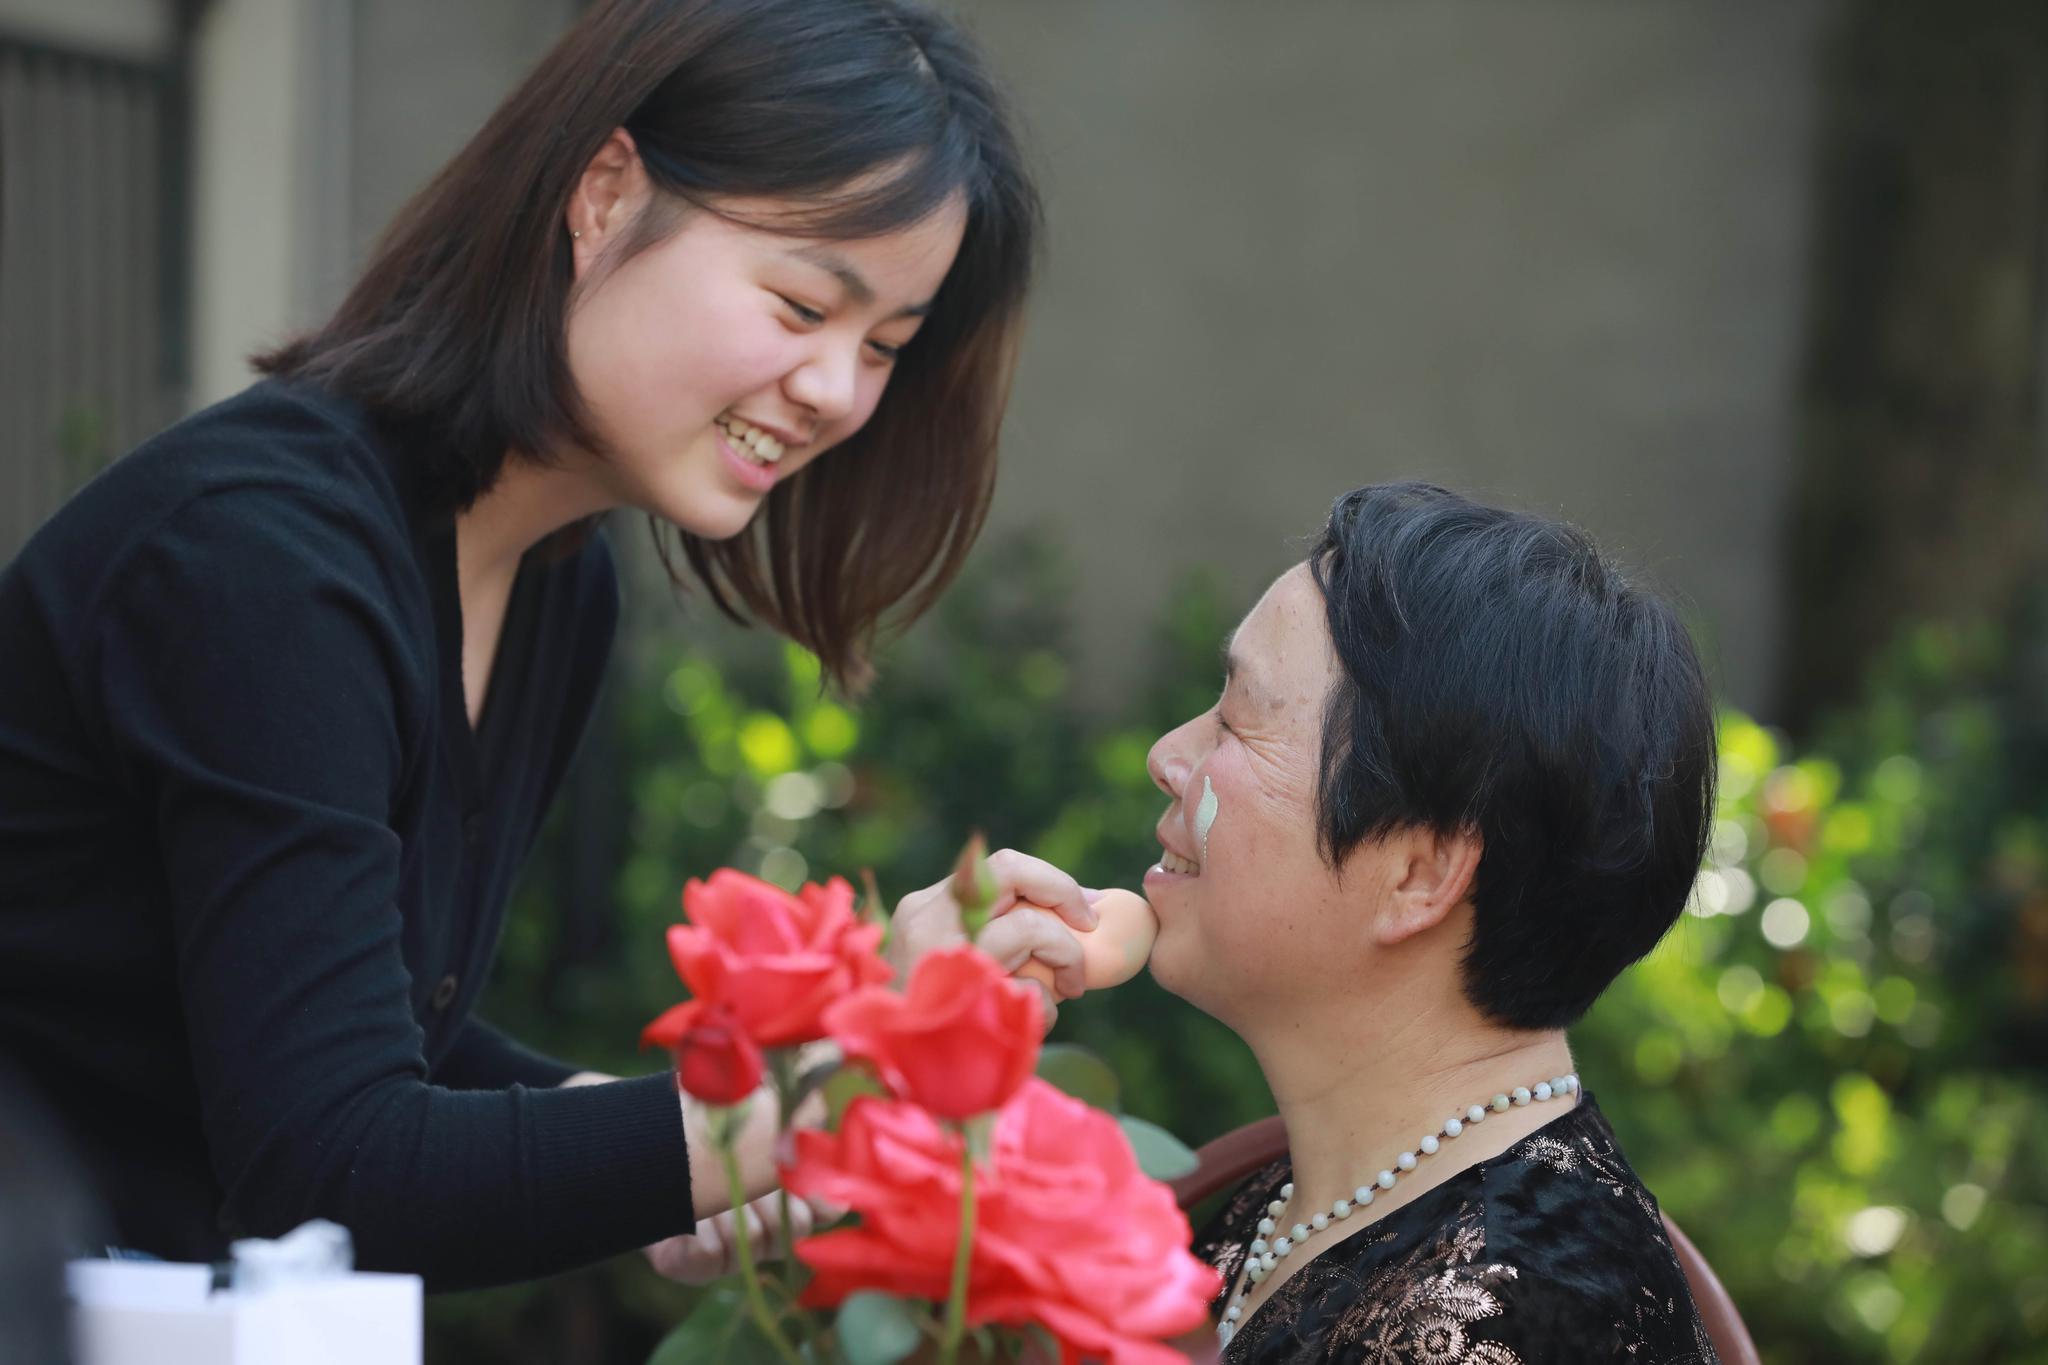 杭州:母亲节,给妈妈化个美美的妆